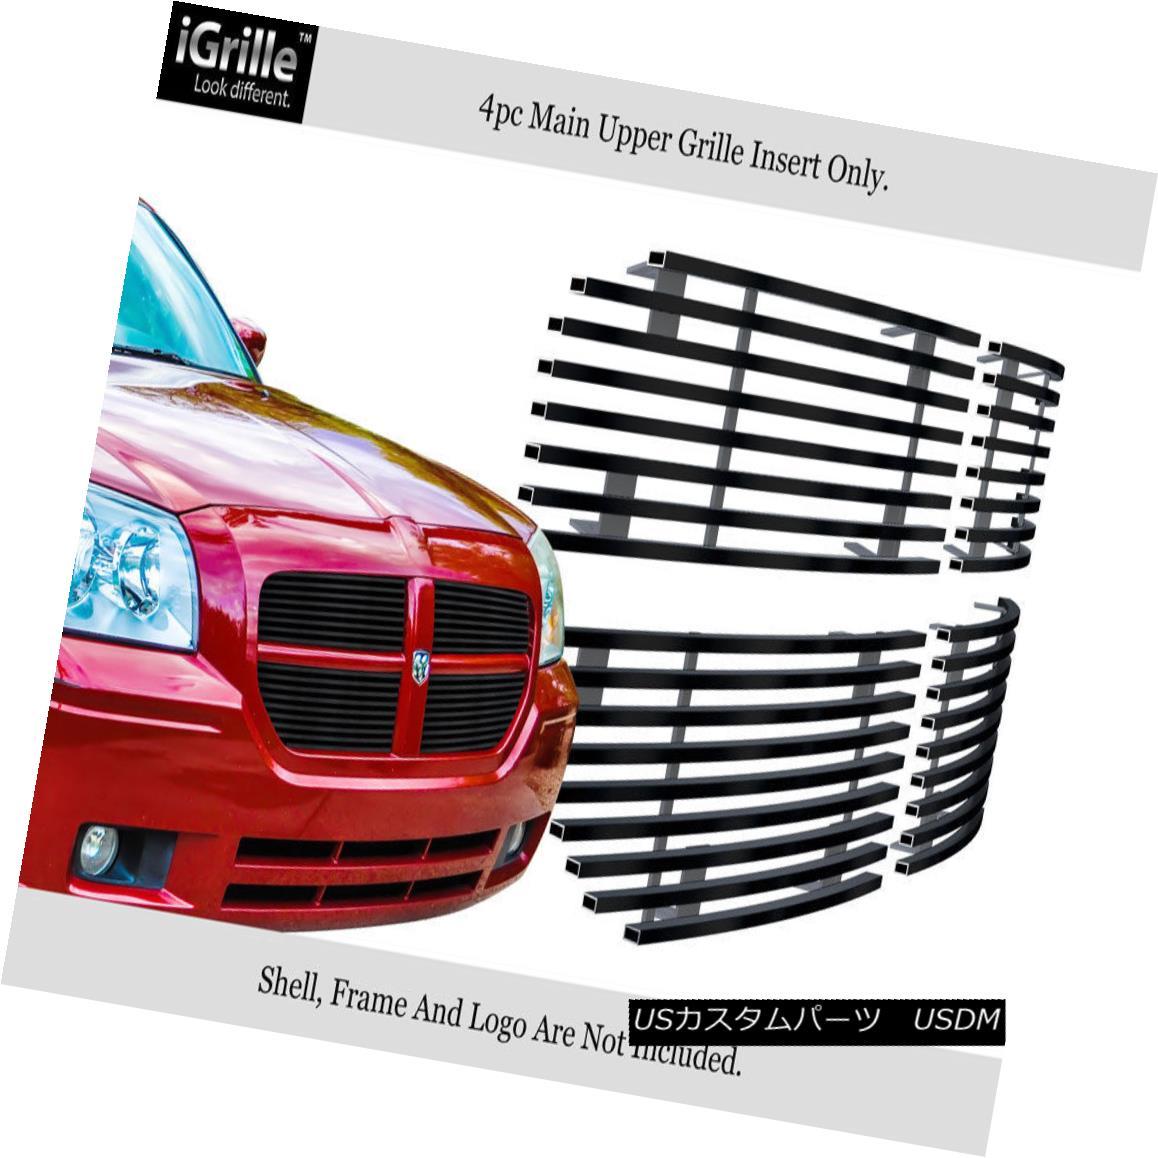 グリル Fits 2005-2007 Dodge Magnum Except SRT8 Stainless Steel Black Billet Grille SRT8ステンレススチールブラックビレットグリルを除く2005年?2007年のDodge Magnumに適合